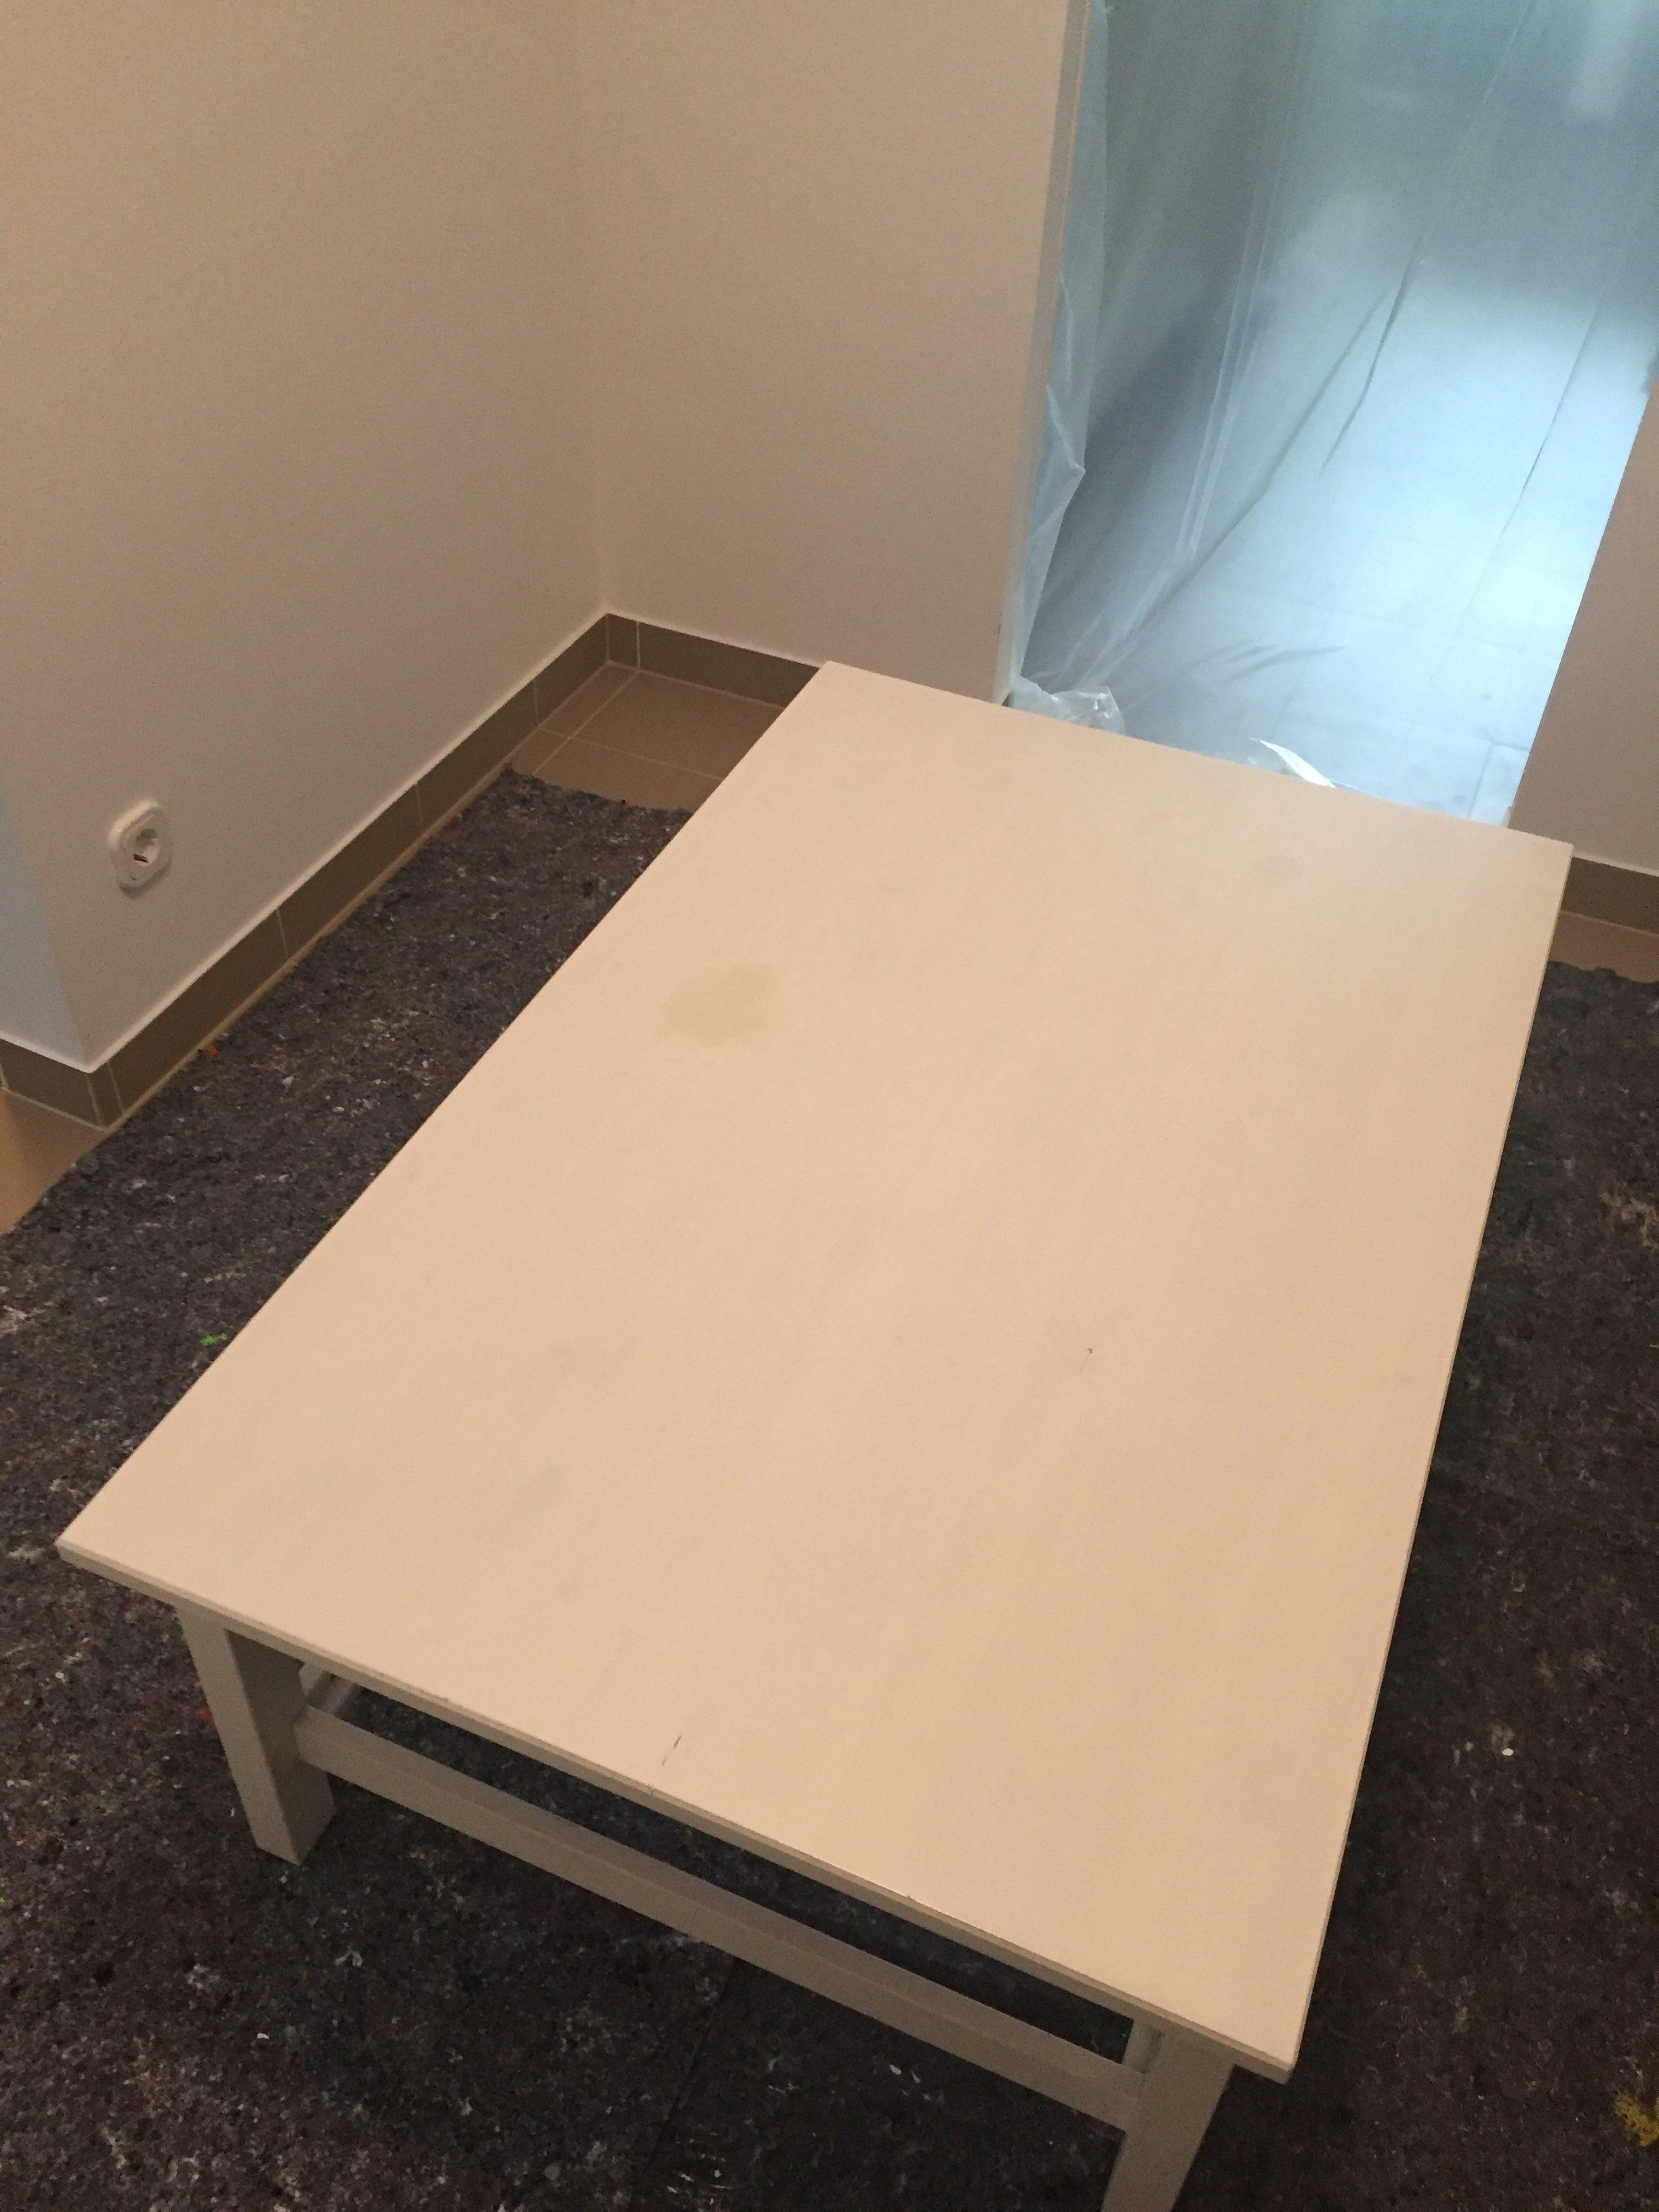 Couchtisch ikea hemnes  Upcycling - IKEA Hemnes Couchtisch lackieren DIY